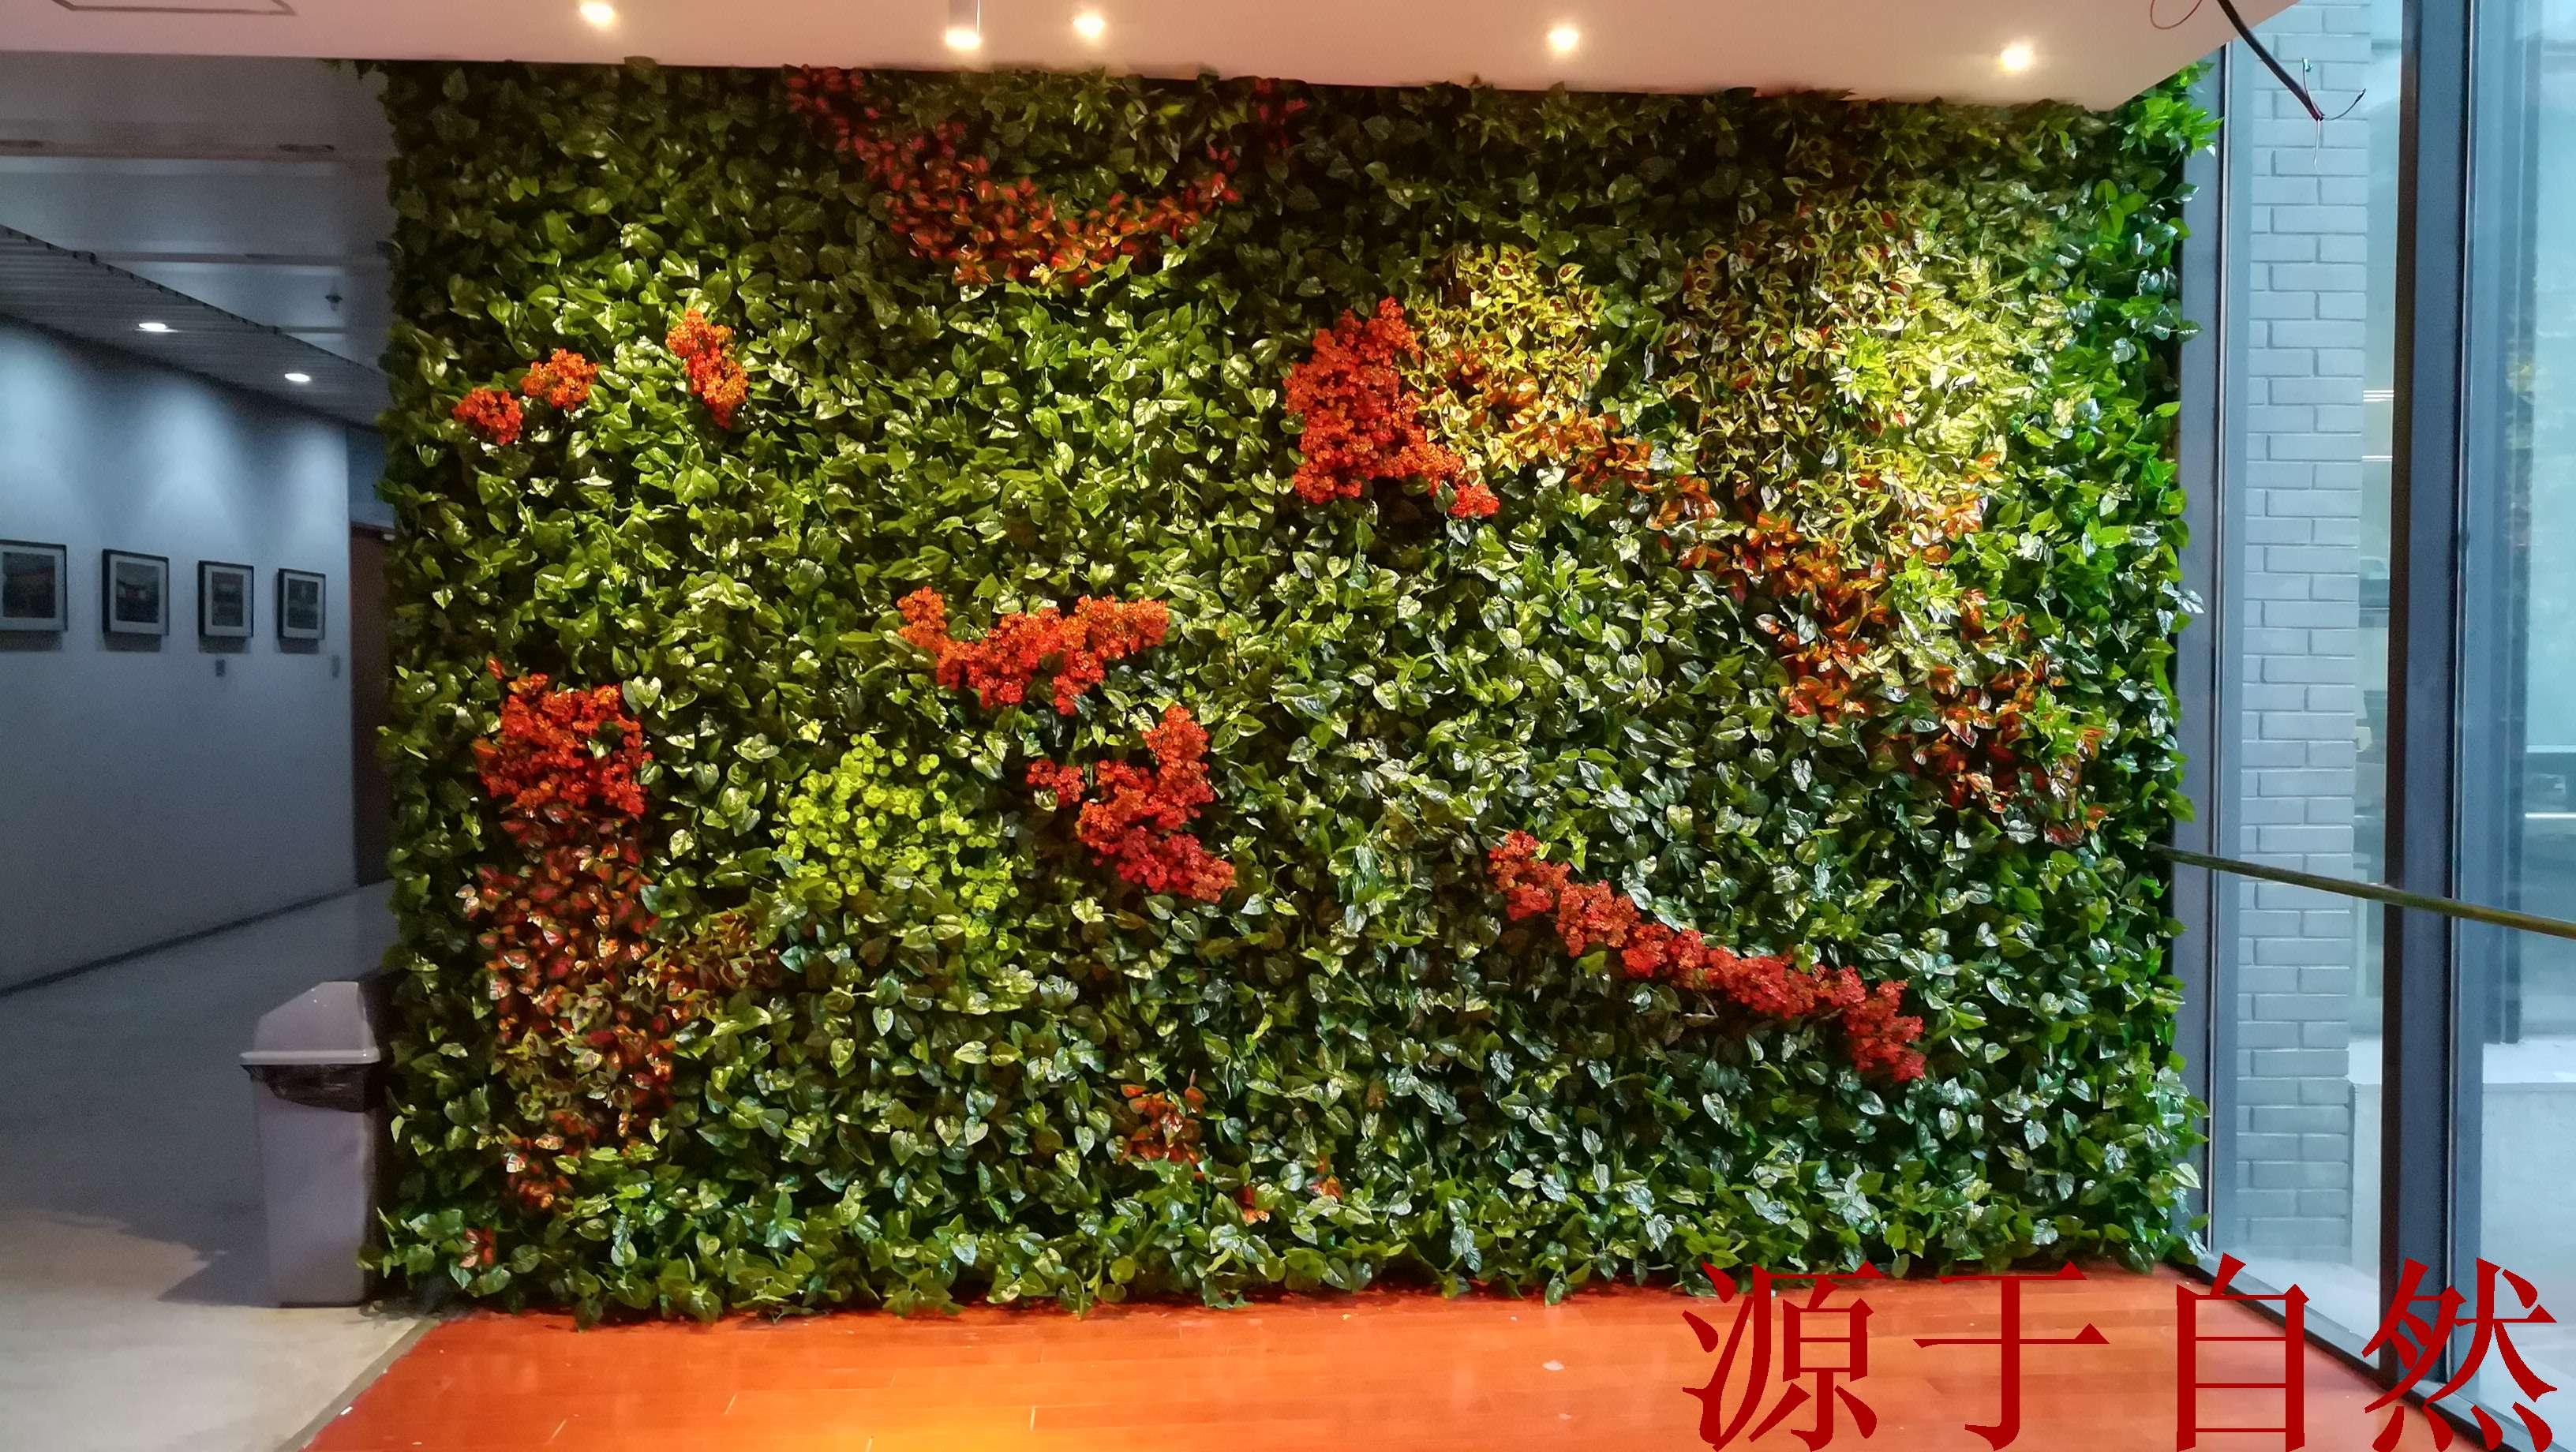 绿色植物墙_植物墙 垂直绿化技术 绿化墙设_藤蔓手绘墙绿色